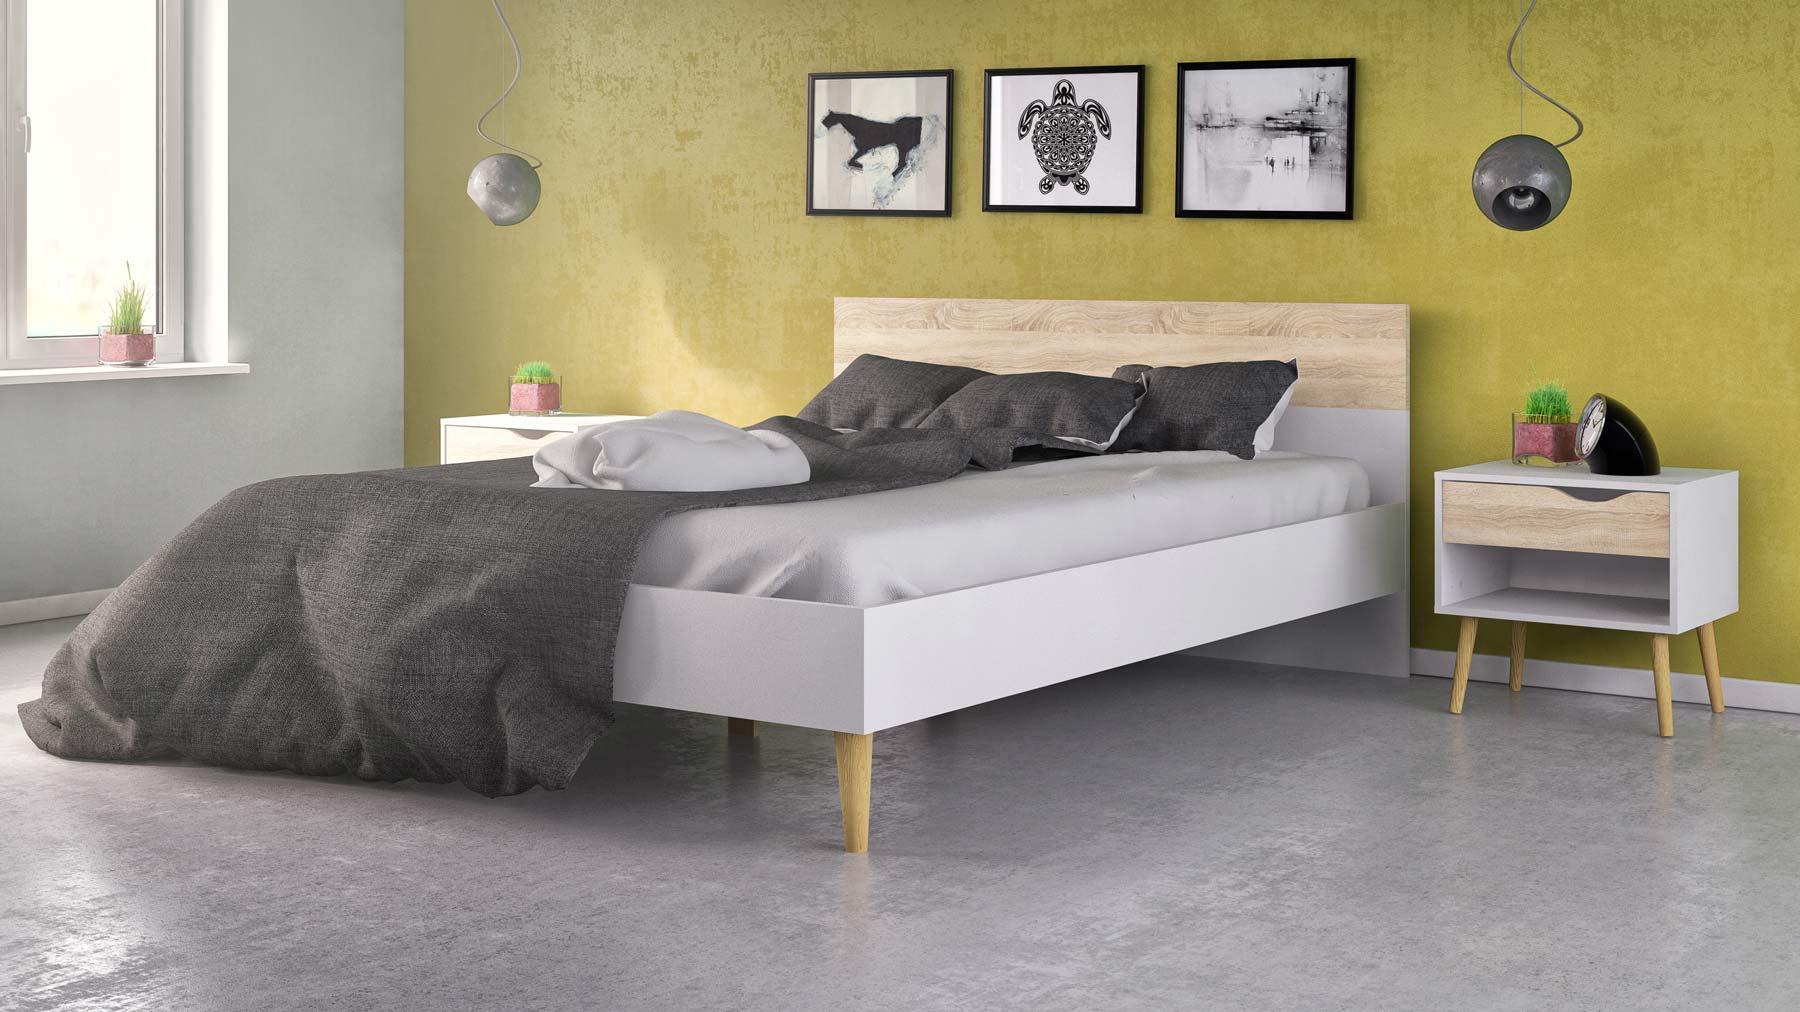 køb billig Delta seng 140 x 200 hvid og eg struktur